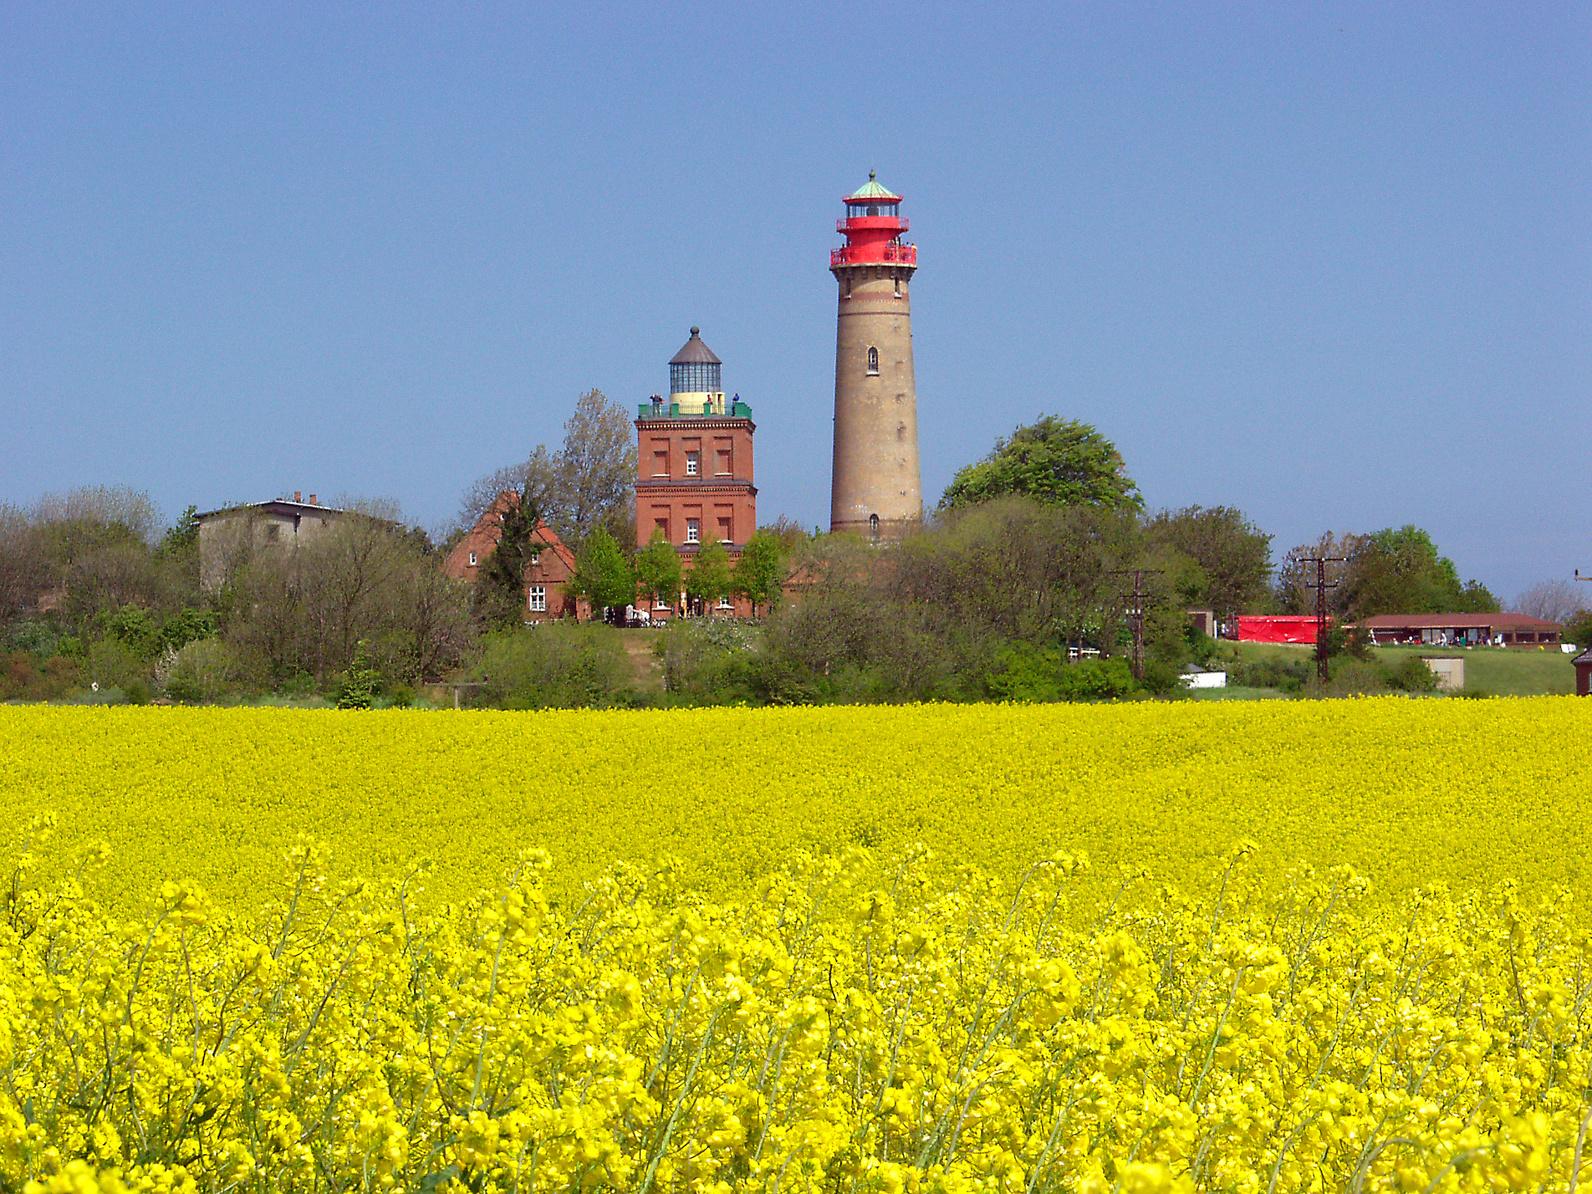 Nordrügen - Breege - Glowe - Die zwei Leuchttürmen am Kap.